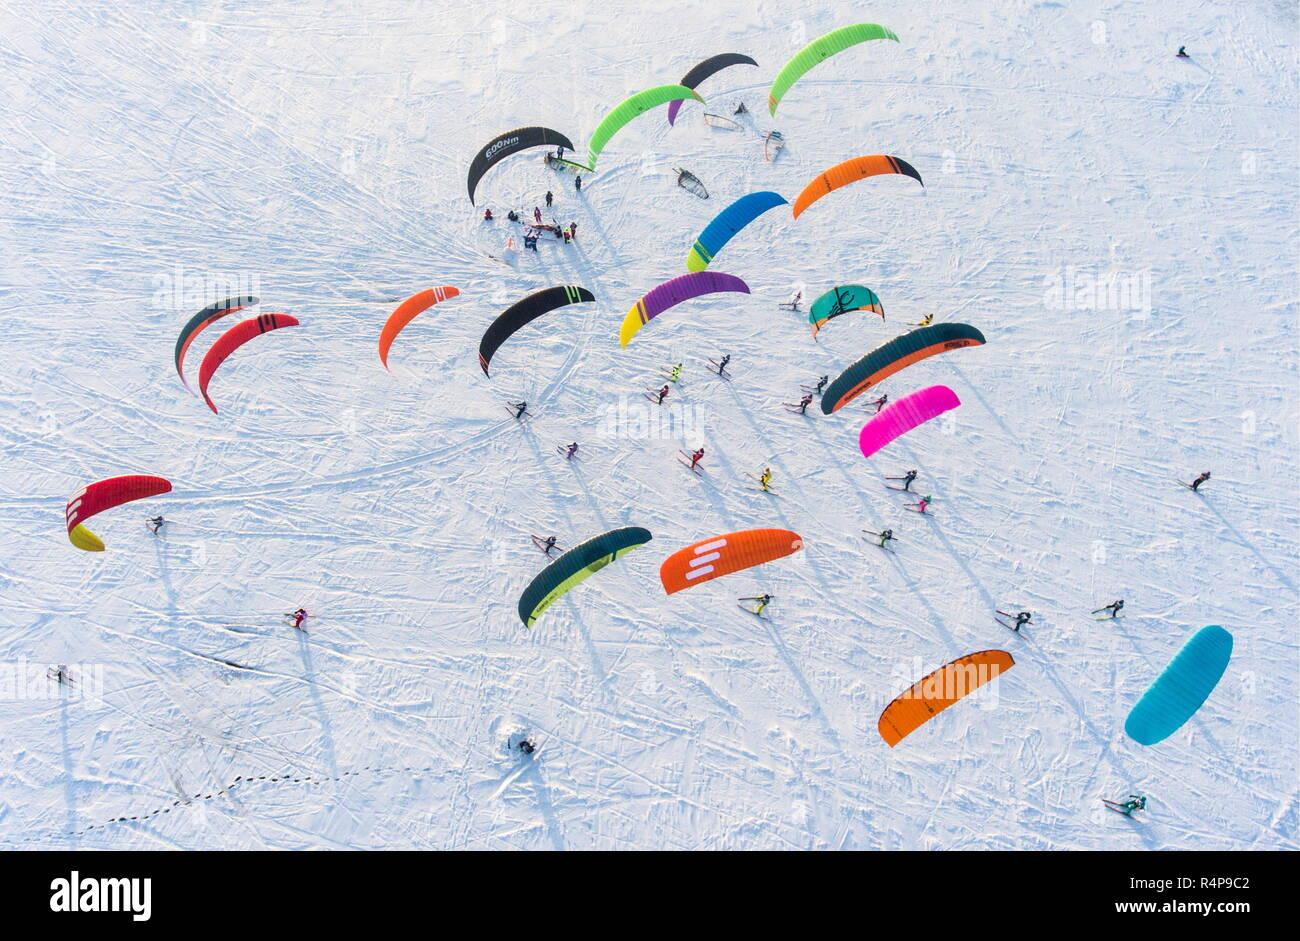 Novosibirsk, Rusia. 28 Nov, 2018. NOVOSIBIRSK, Rusia - Noviembre 28, 2018: Los participantes en la copa 2018 Siberian Snowkiting competir en la superficie del embalse de Novosibirsk, cerca de la planta de energía hidroeléctrica de Novosibirsk. Kirill Kukhmar/TASS Crédito: Agencia de Noticias ITAR-TASS/Alamy Live News Imagen De Stock